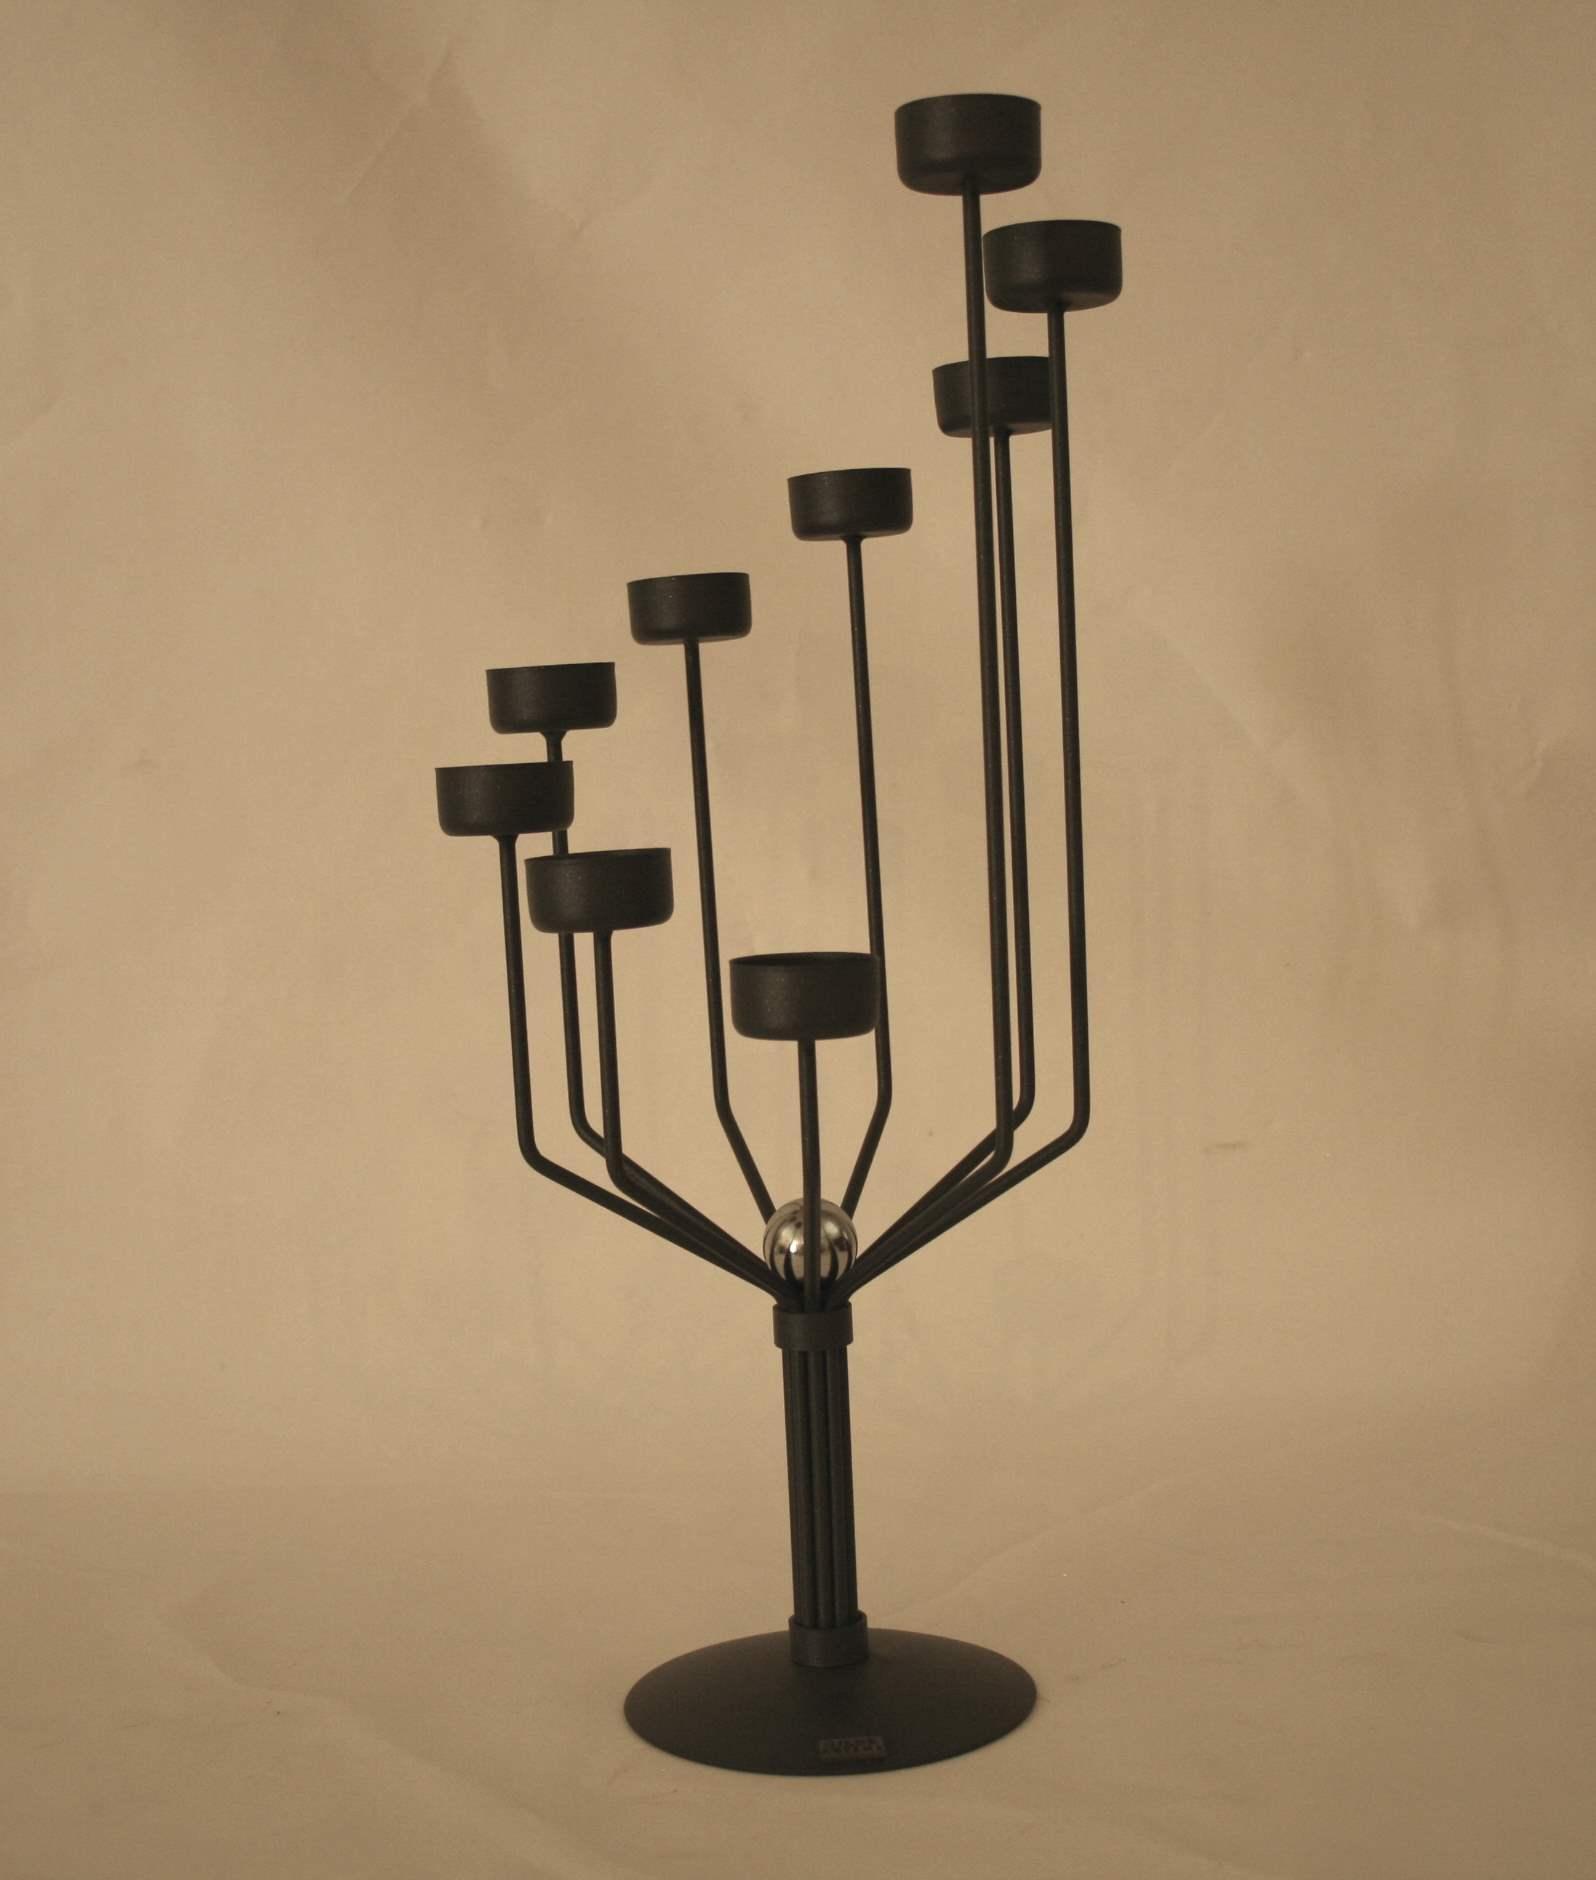 """Lot 202 - Paire de chandeliers """"Gilde ARTEME"""" à 9 feux disposés de façon hélicoïdal en fer [...]"""